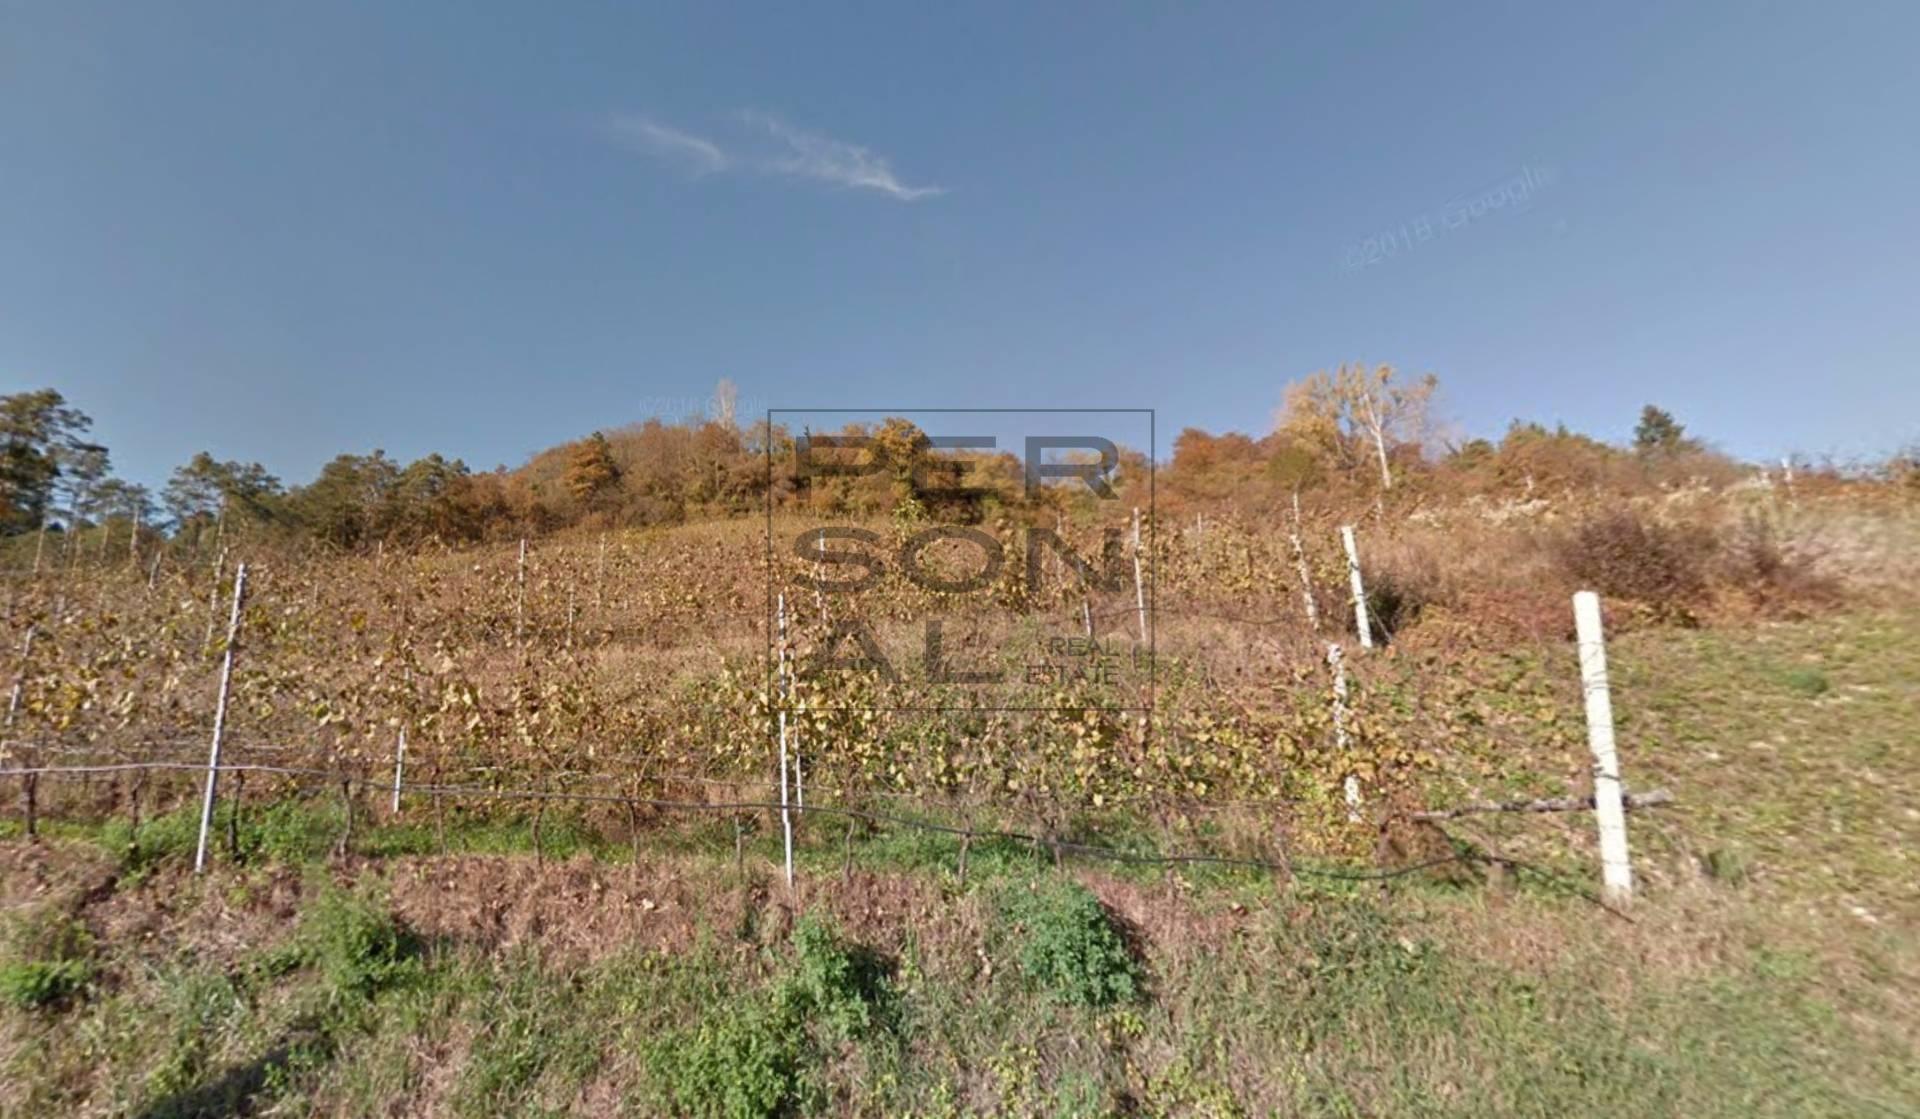 Terreno Agricolo in vendita a Stenico, 9999 locali, zona Zona: Premione, prezzo € 315.000 | Cambio Casa.it